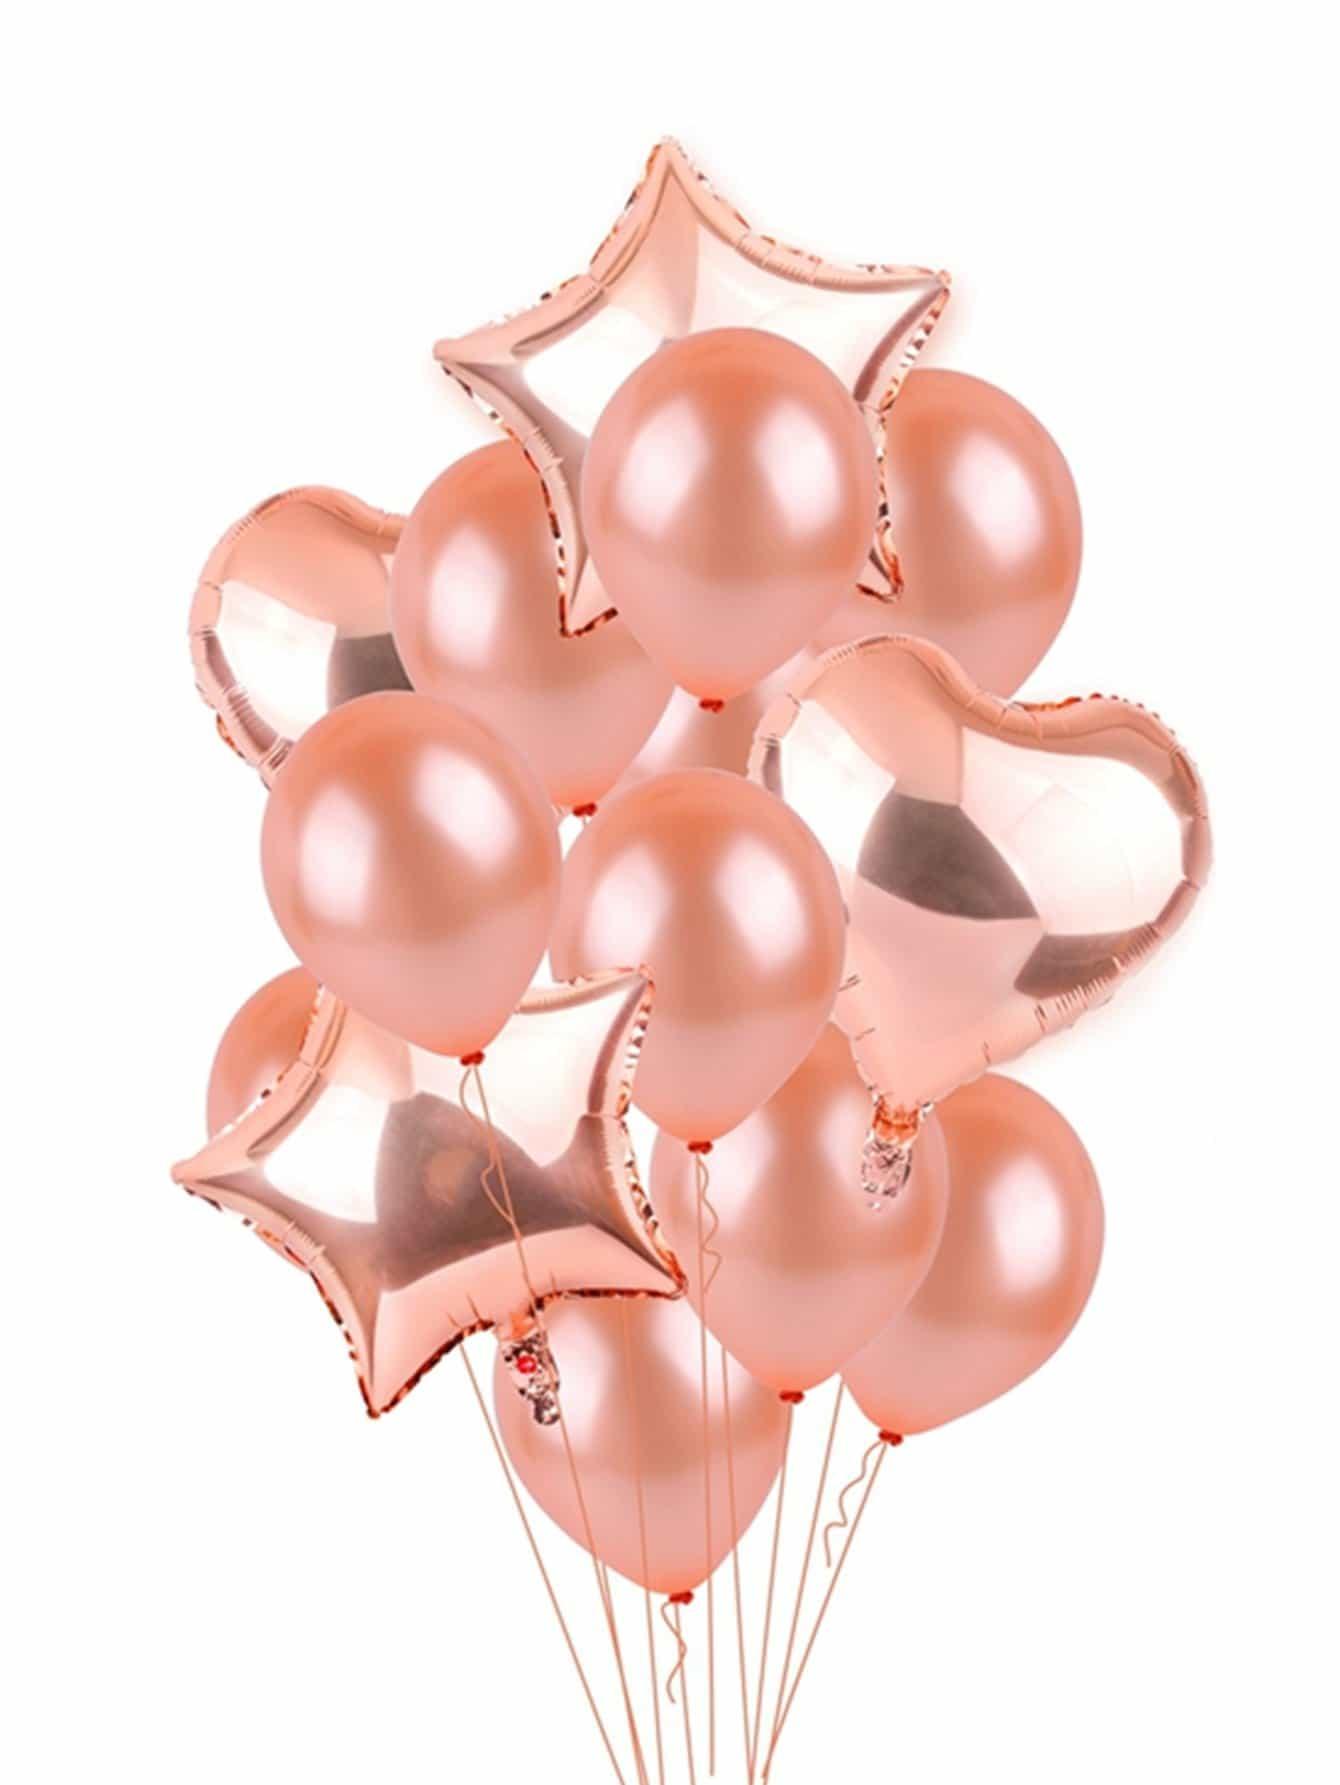 Купить Круглый воздушный шар 10 шт и воздушный шар в форме сердца 2 шт и воздушный шар в форме звезды 2 шт, null, SheIn